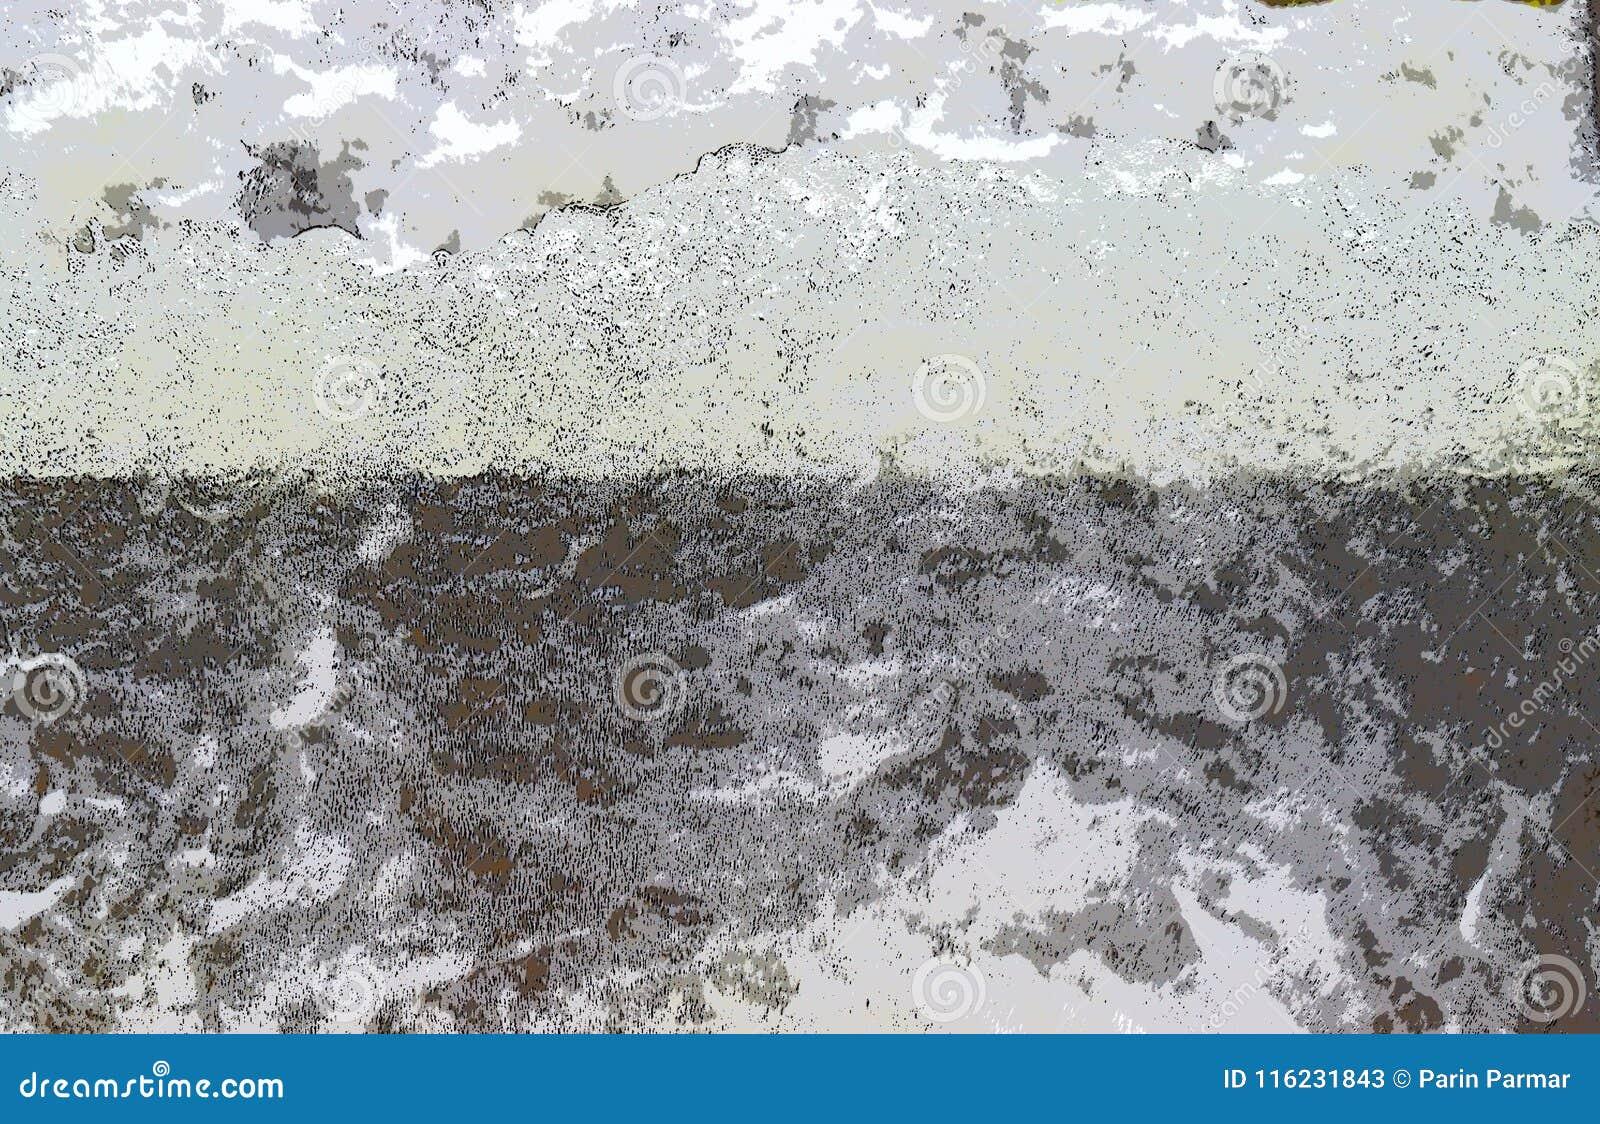 抽象背景-与黑和灰色颜色的不规则的白色形状-水流程